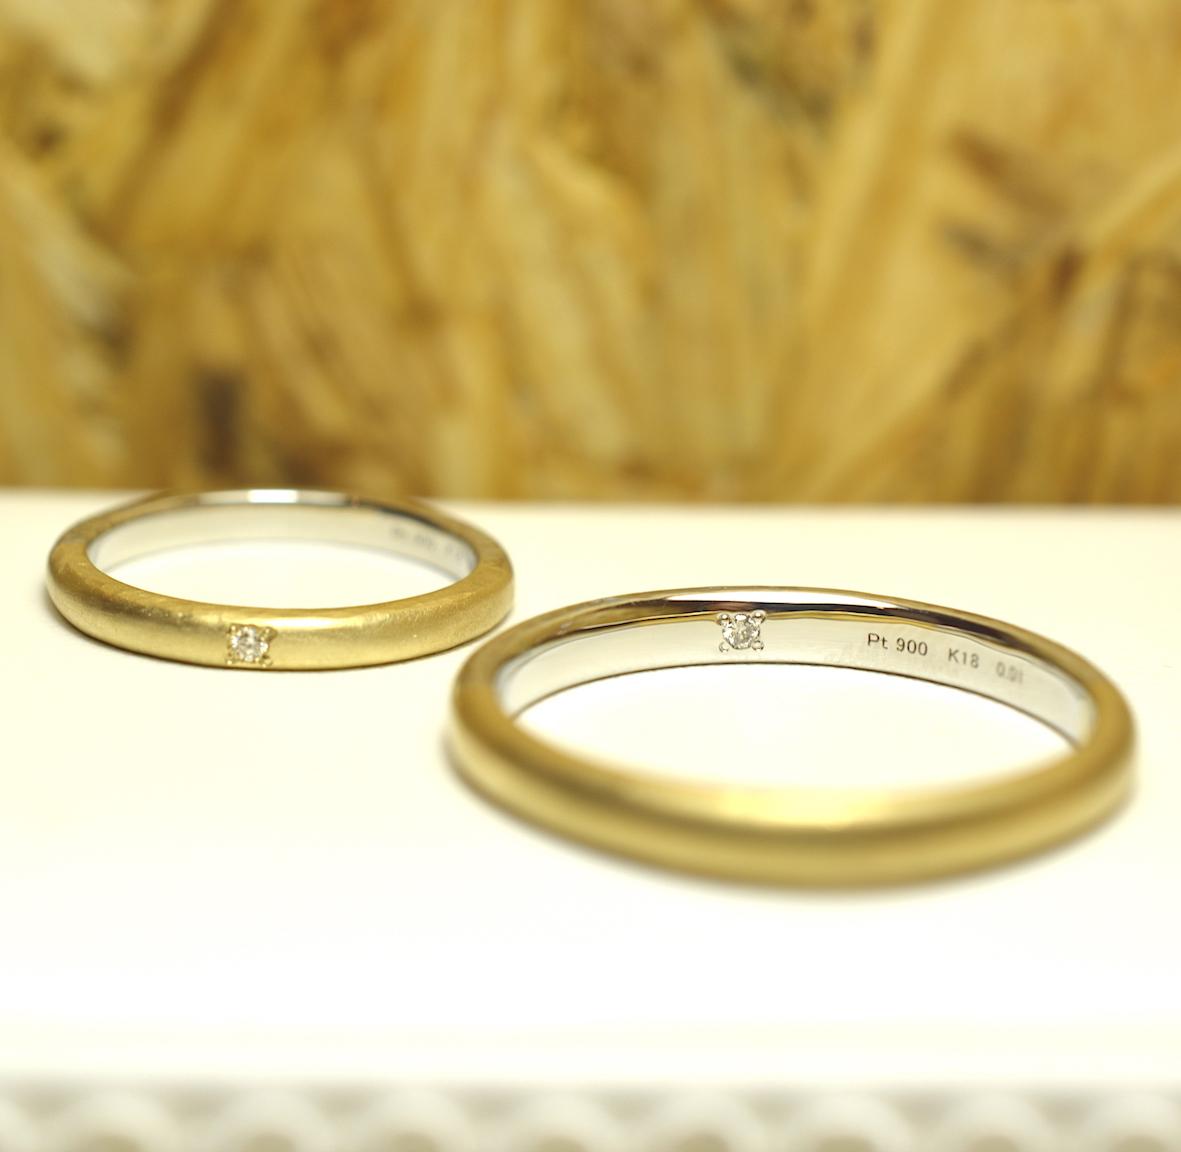 レディースは外側、メンズは内側に誕生石を入れた結婚指輪